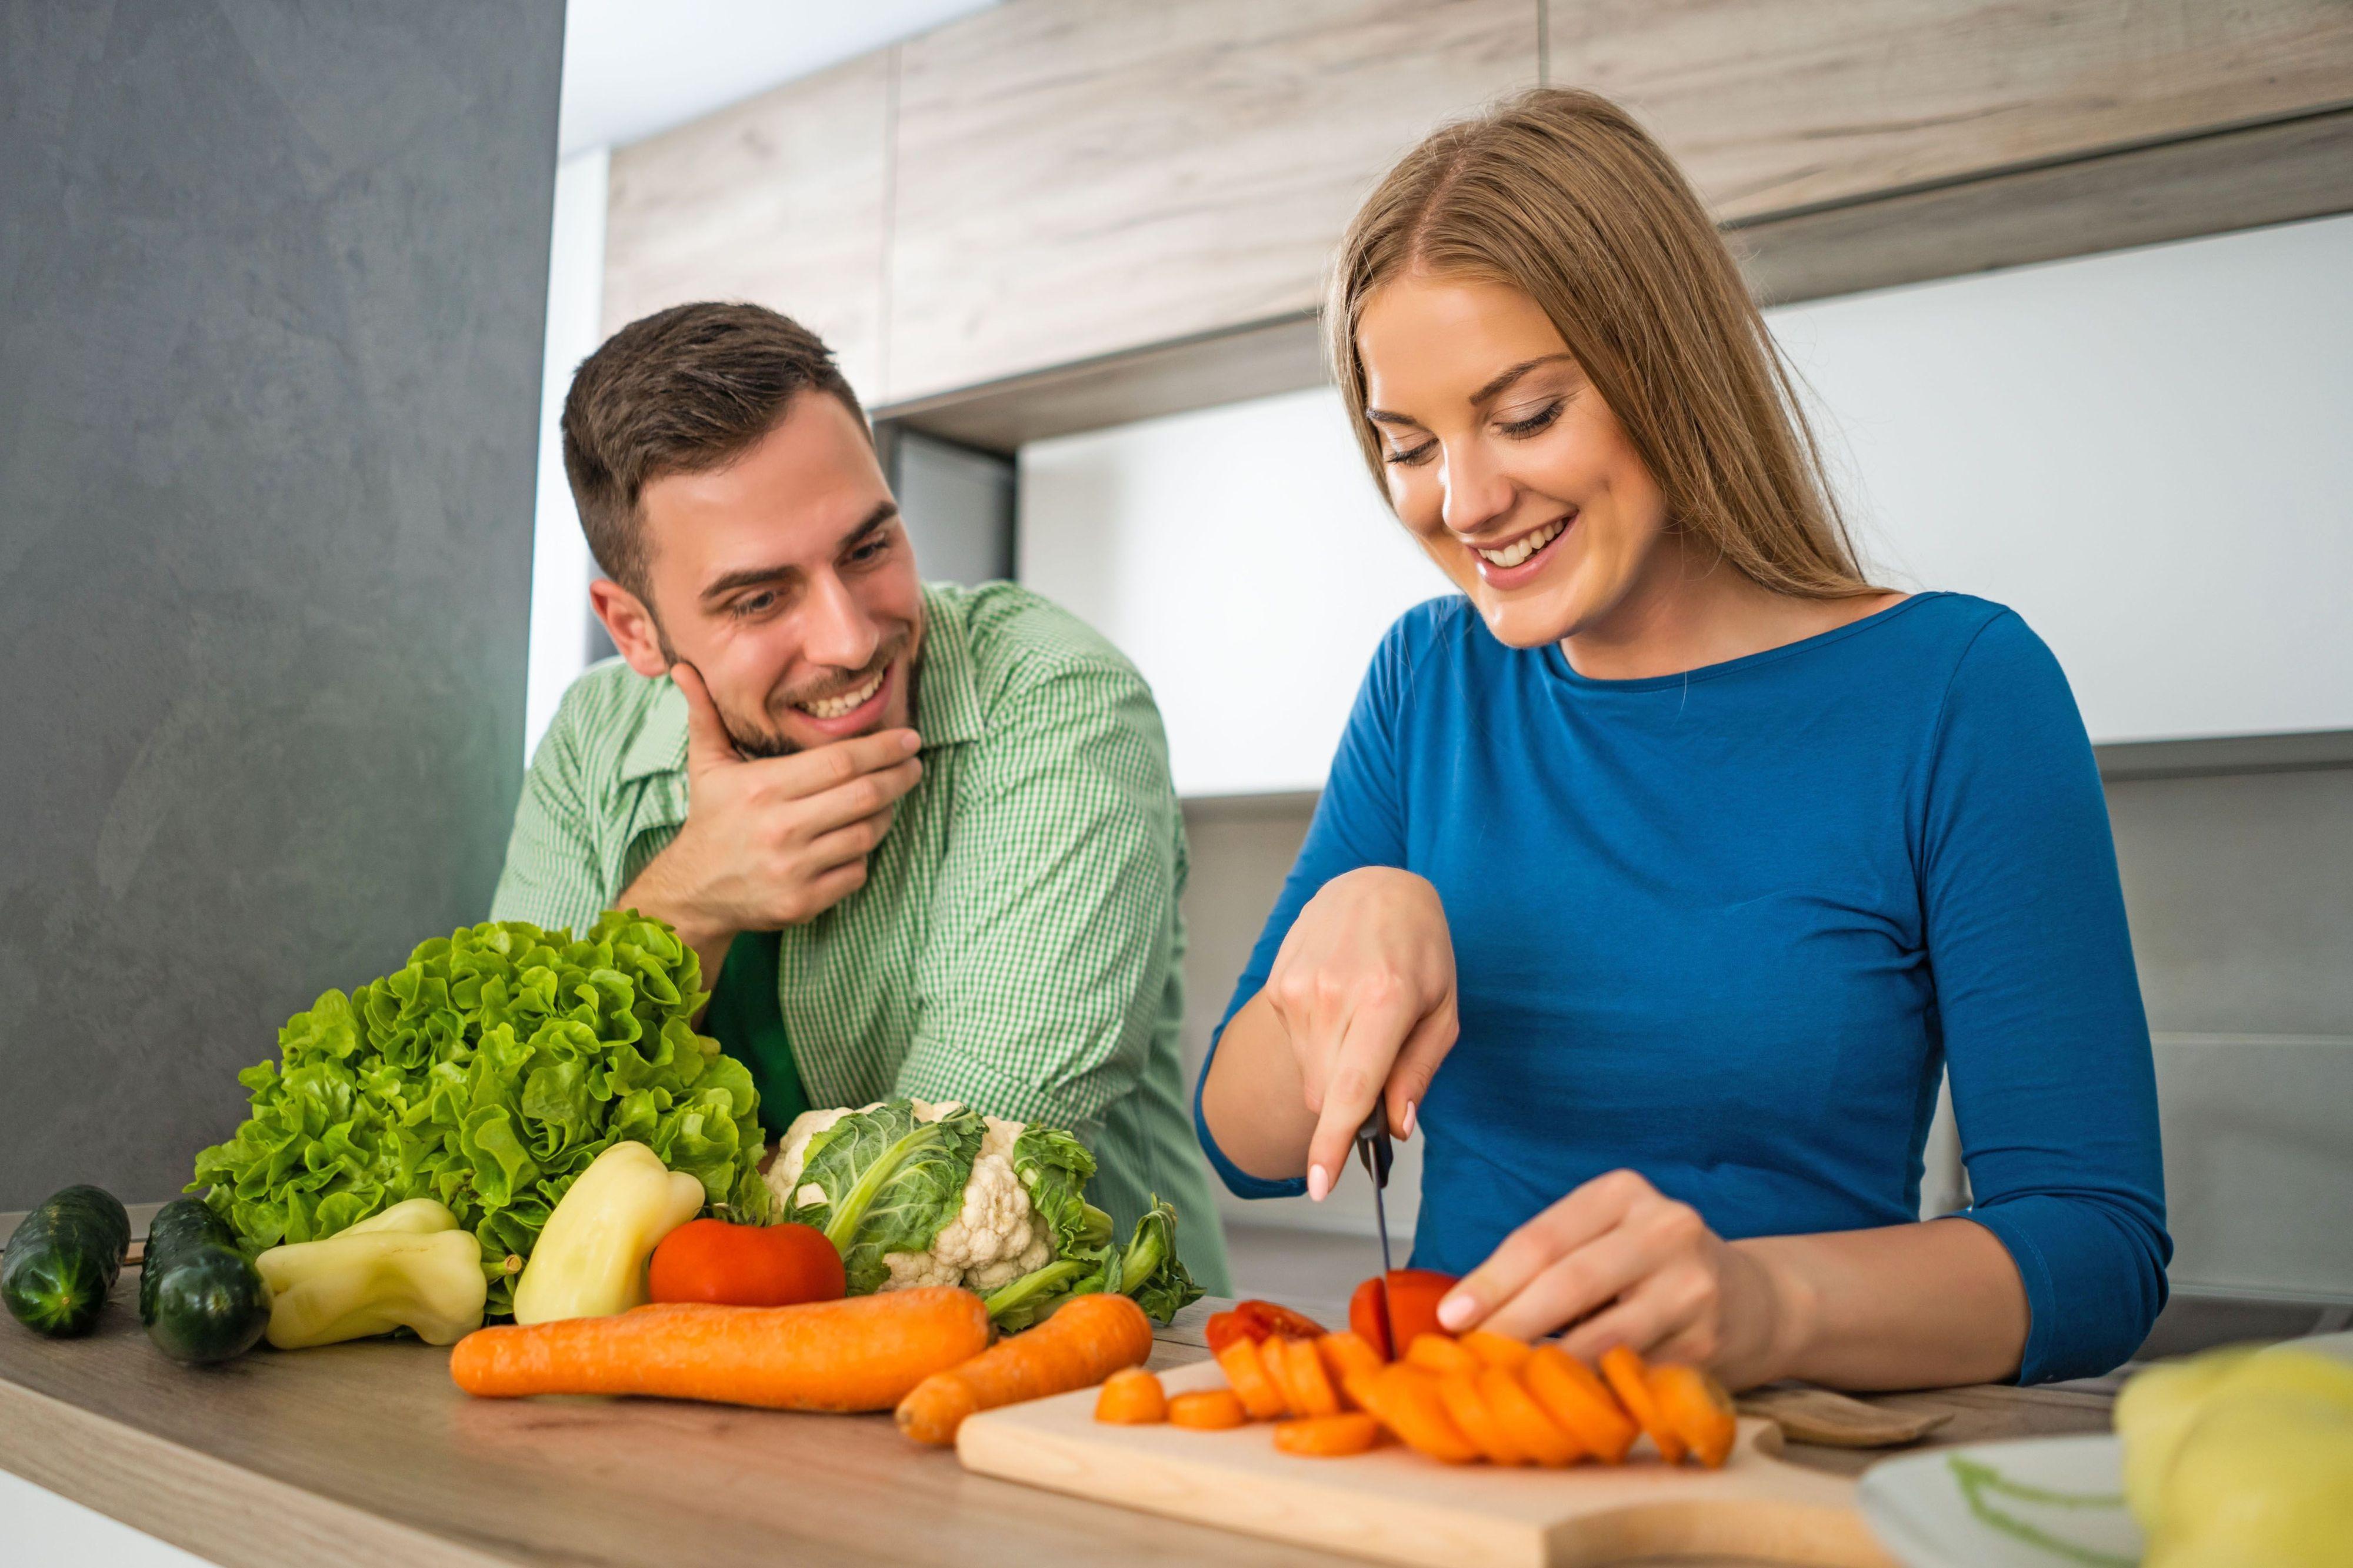 Frisch auf den Tisch: Saisonales Gemüse bildet die Grundlage einer basischen, abwehrstärkenden Ernährung. Foto: djd/Jentschura International/Getty Images/Photodjo